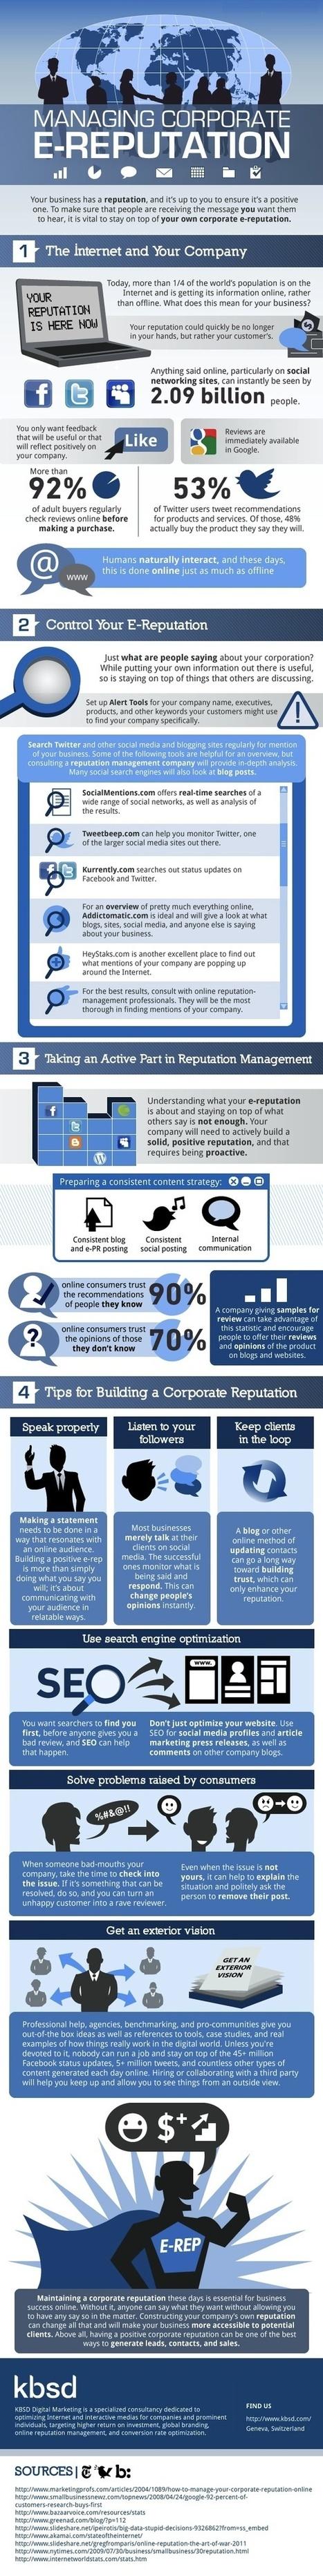 #Ereputation : Comment gérer l'e-réputation d'une entreprise ? | WIS ( Web Information Specialist) | Scoop.it